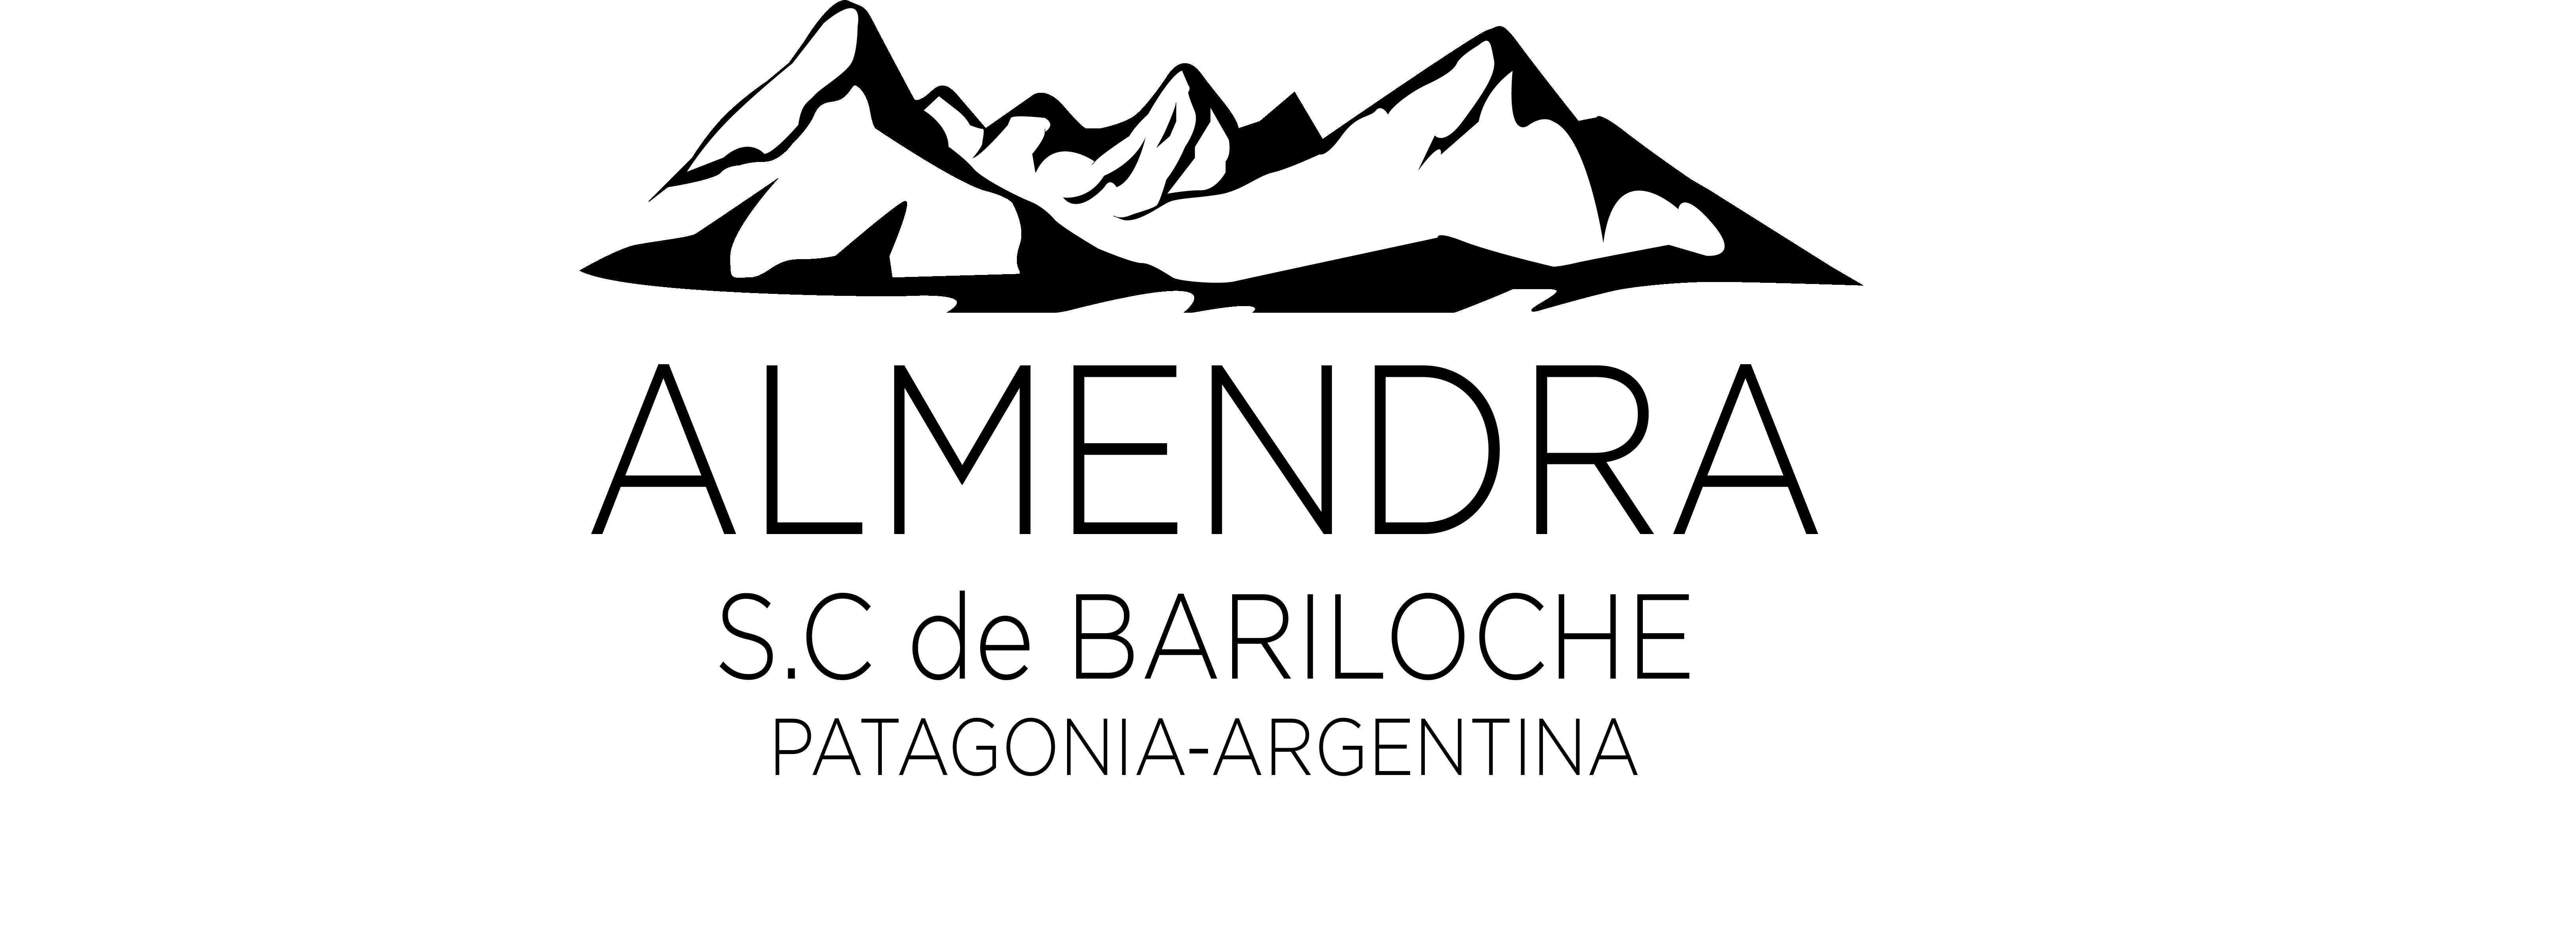 Almendra Bariloche